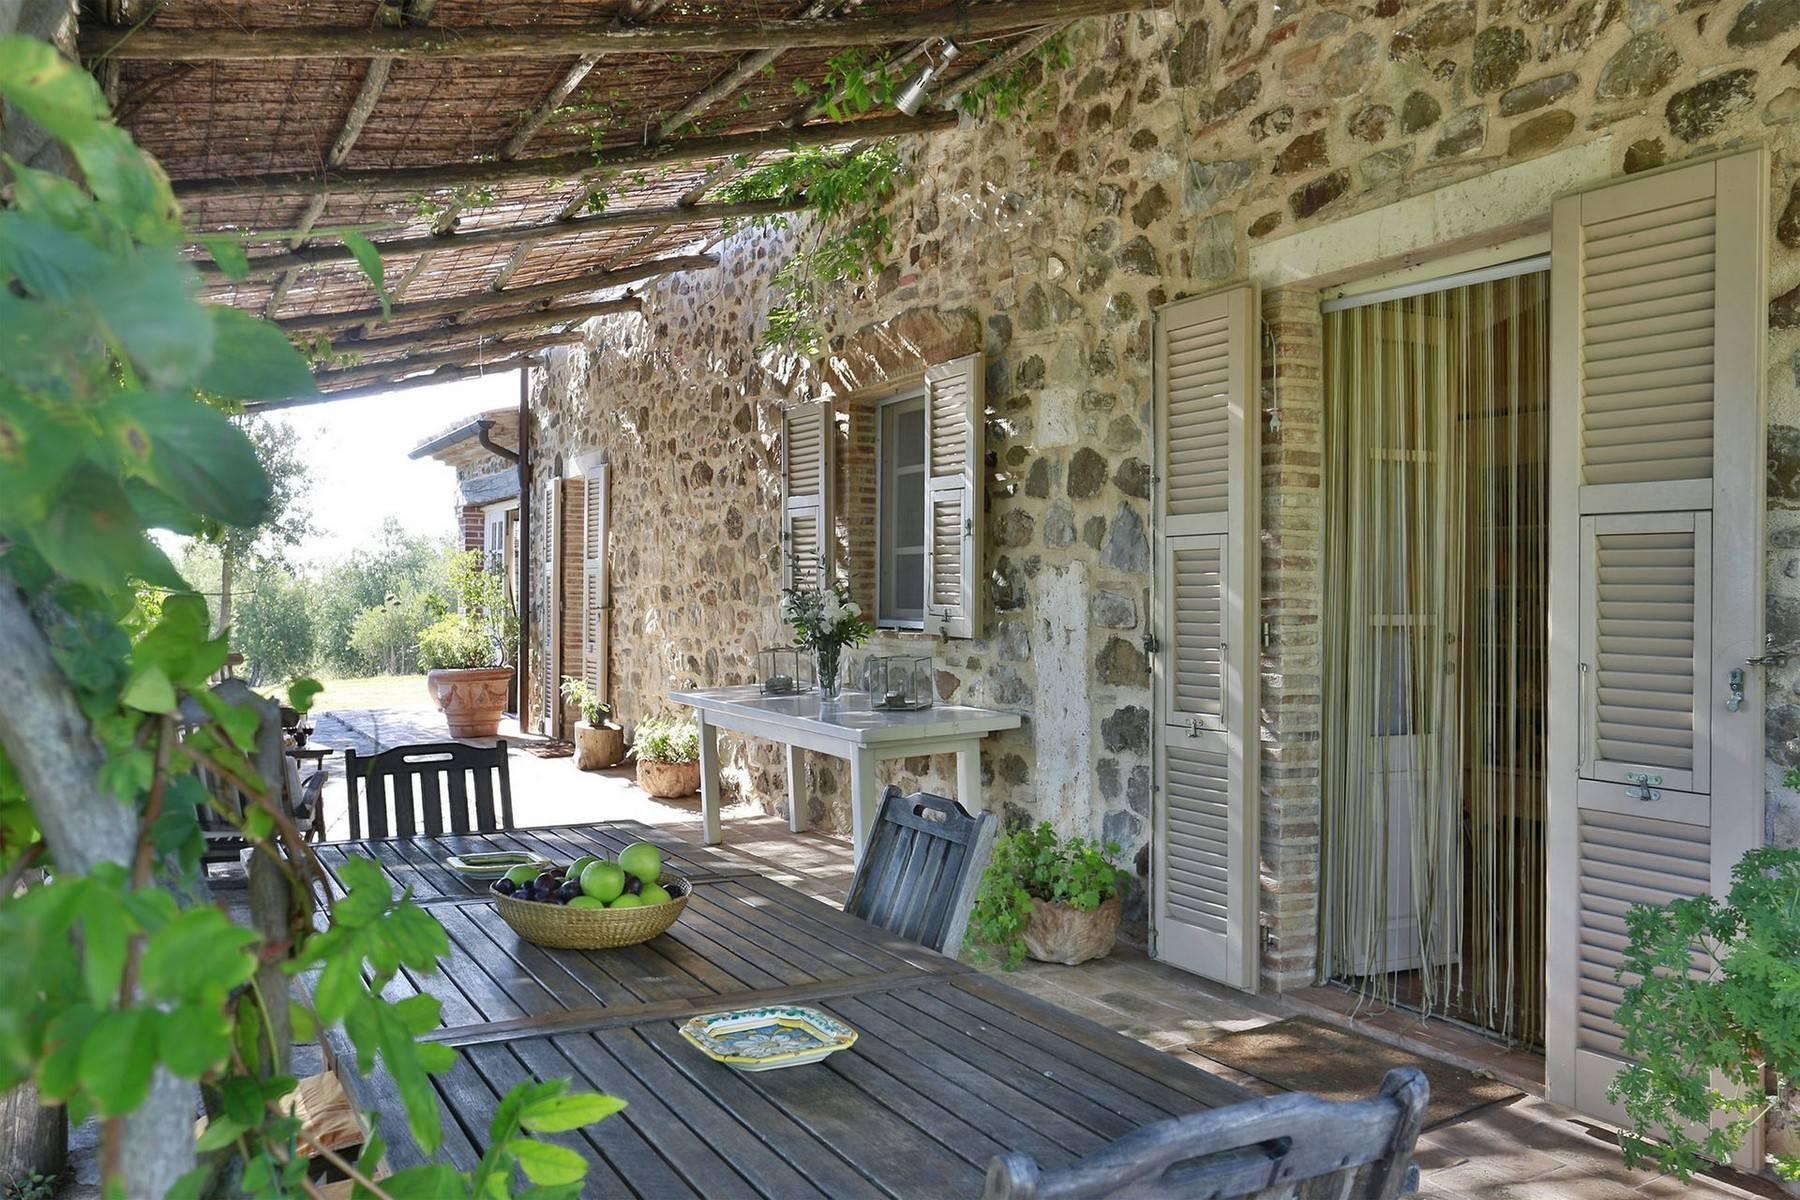 Rustico in Vendita a Manciano: 5 locali, 180 mq - Foto 10